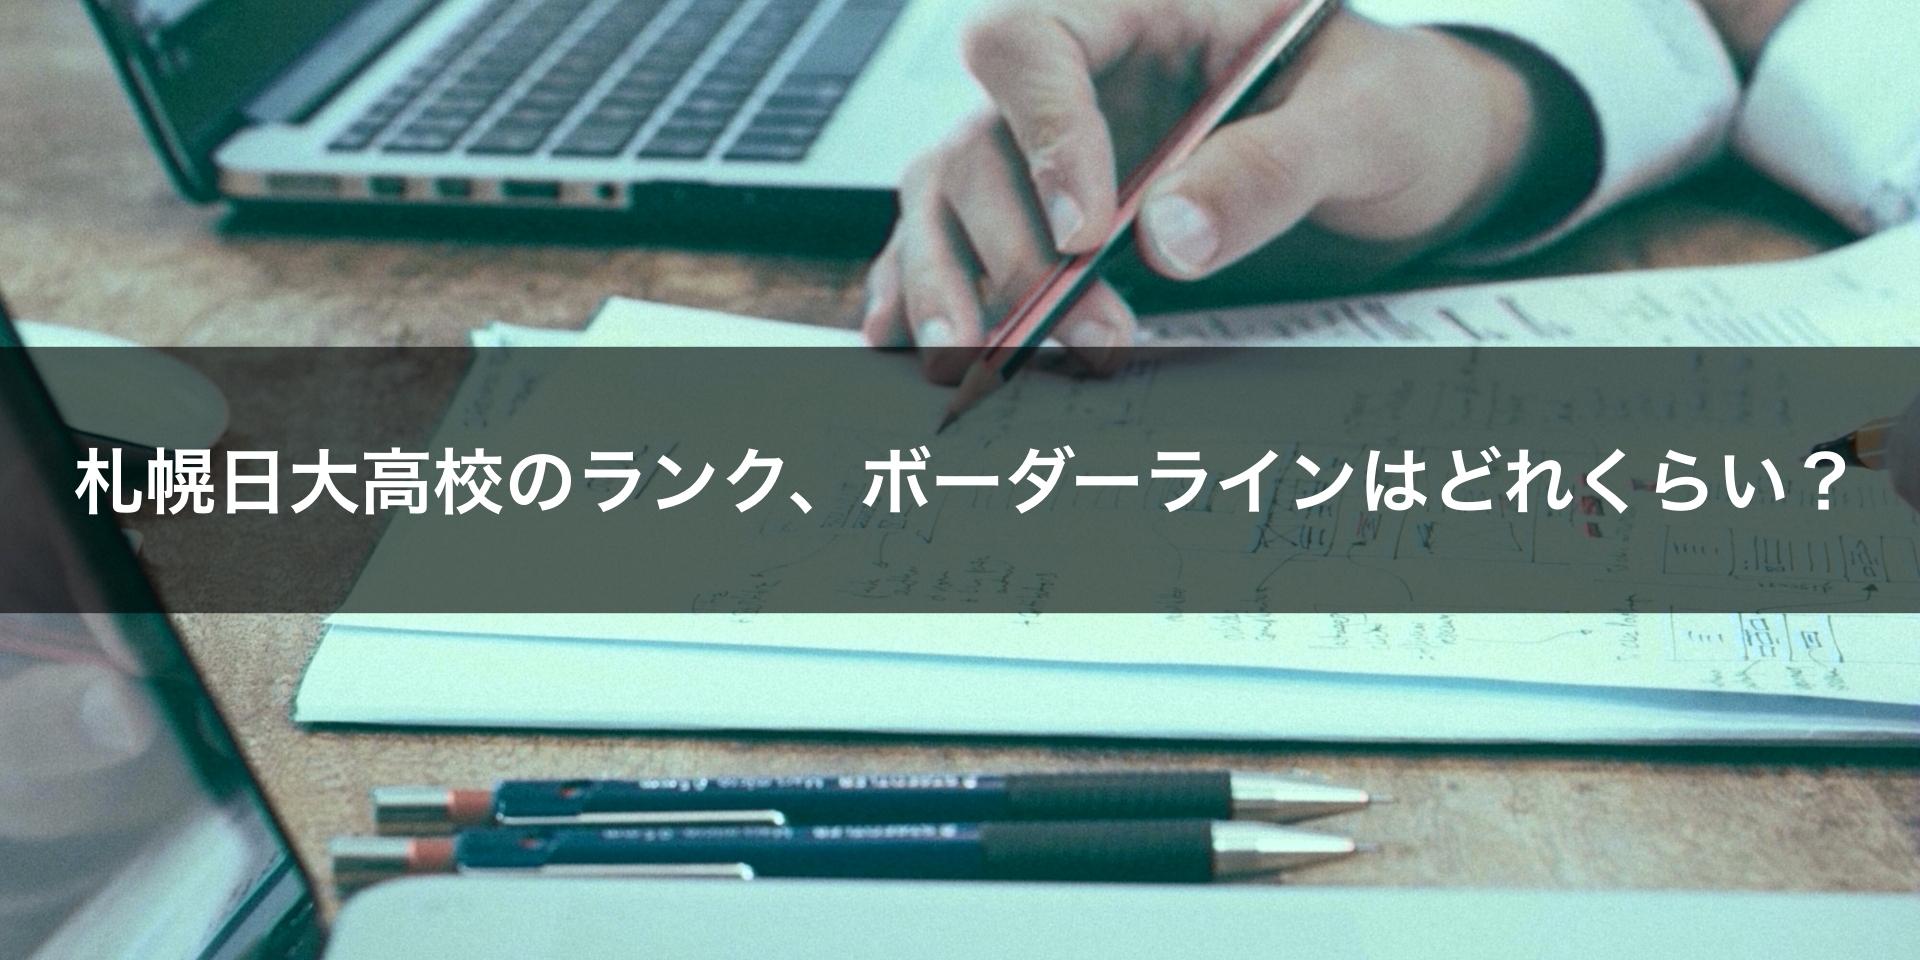 札幌日大高校のランク、ボーダーラインはどれくらい?